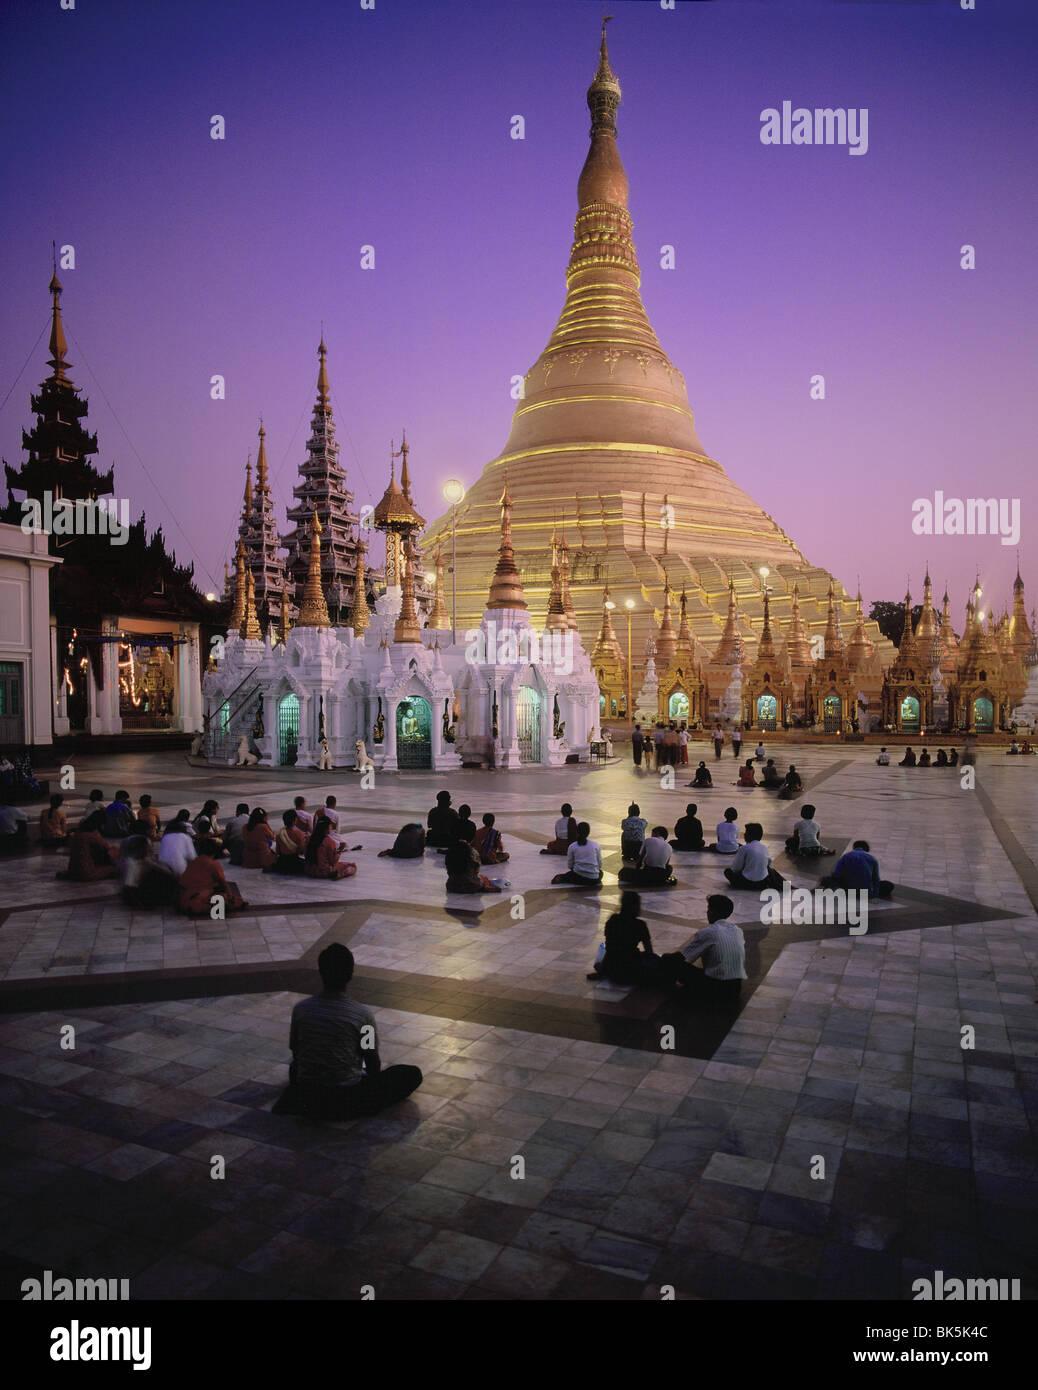 Shwedagon Pagoda, Yangon (Rangoon), Myanmar (Burma), Asia Stock Photo